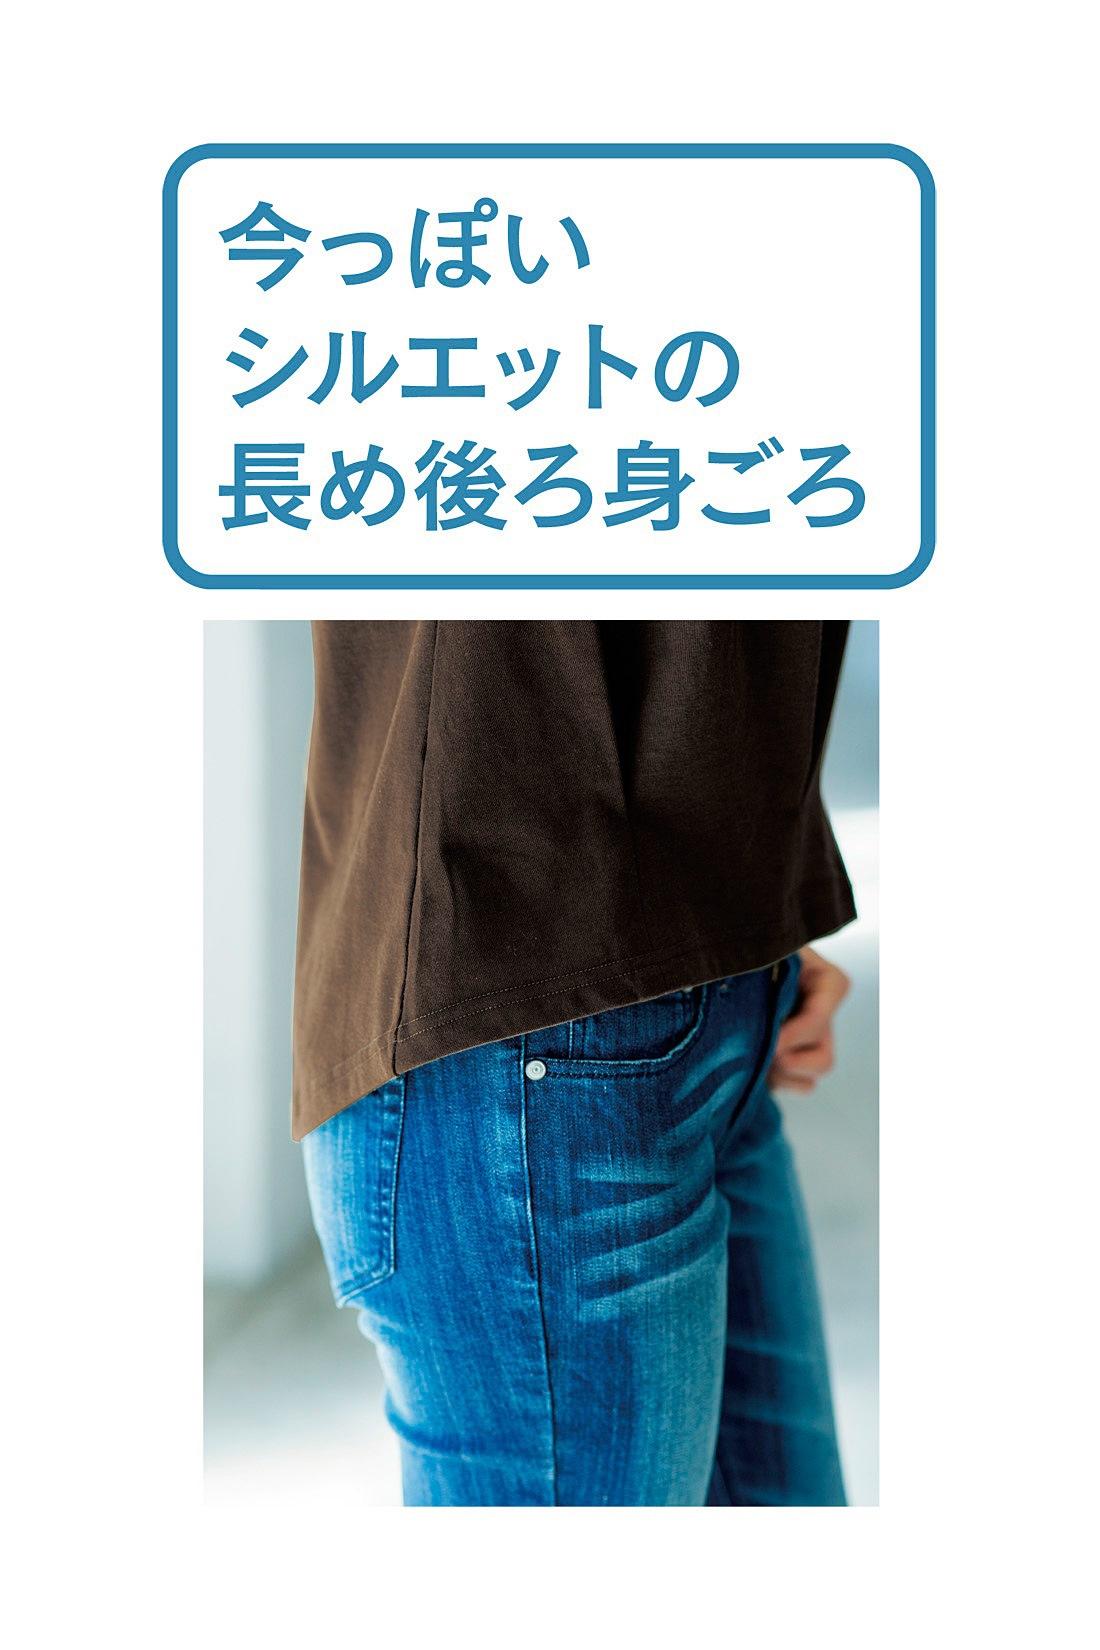 腰まわりをカバーしつつ、旬の着こなしが決まる丈感。 ※着用イメージです。お届けするカラーとは異なります。